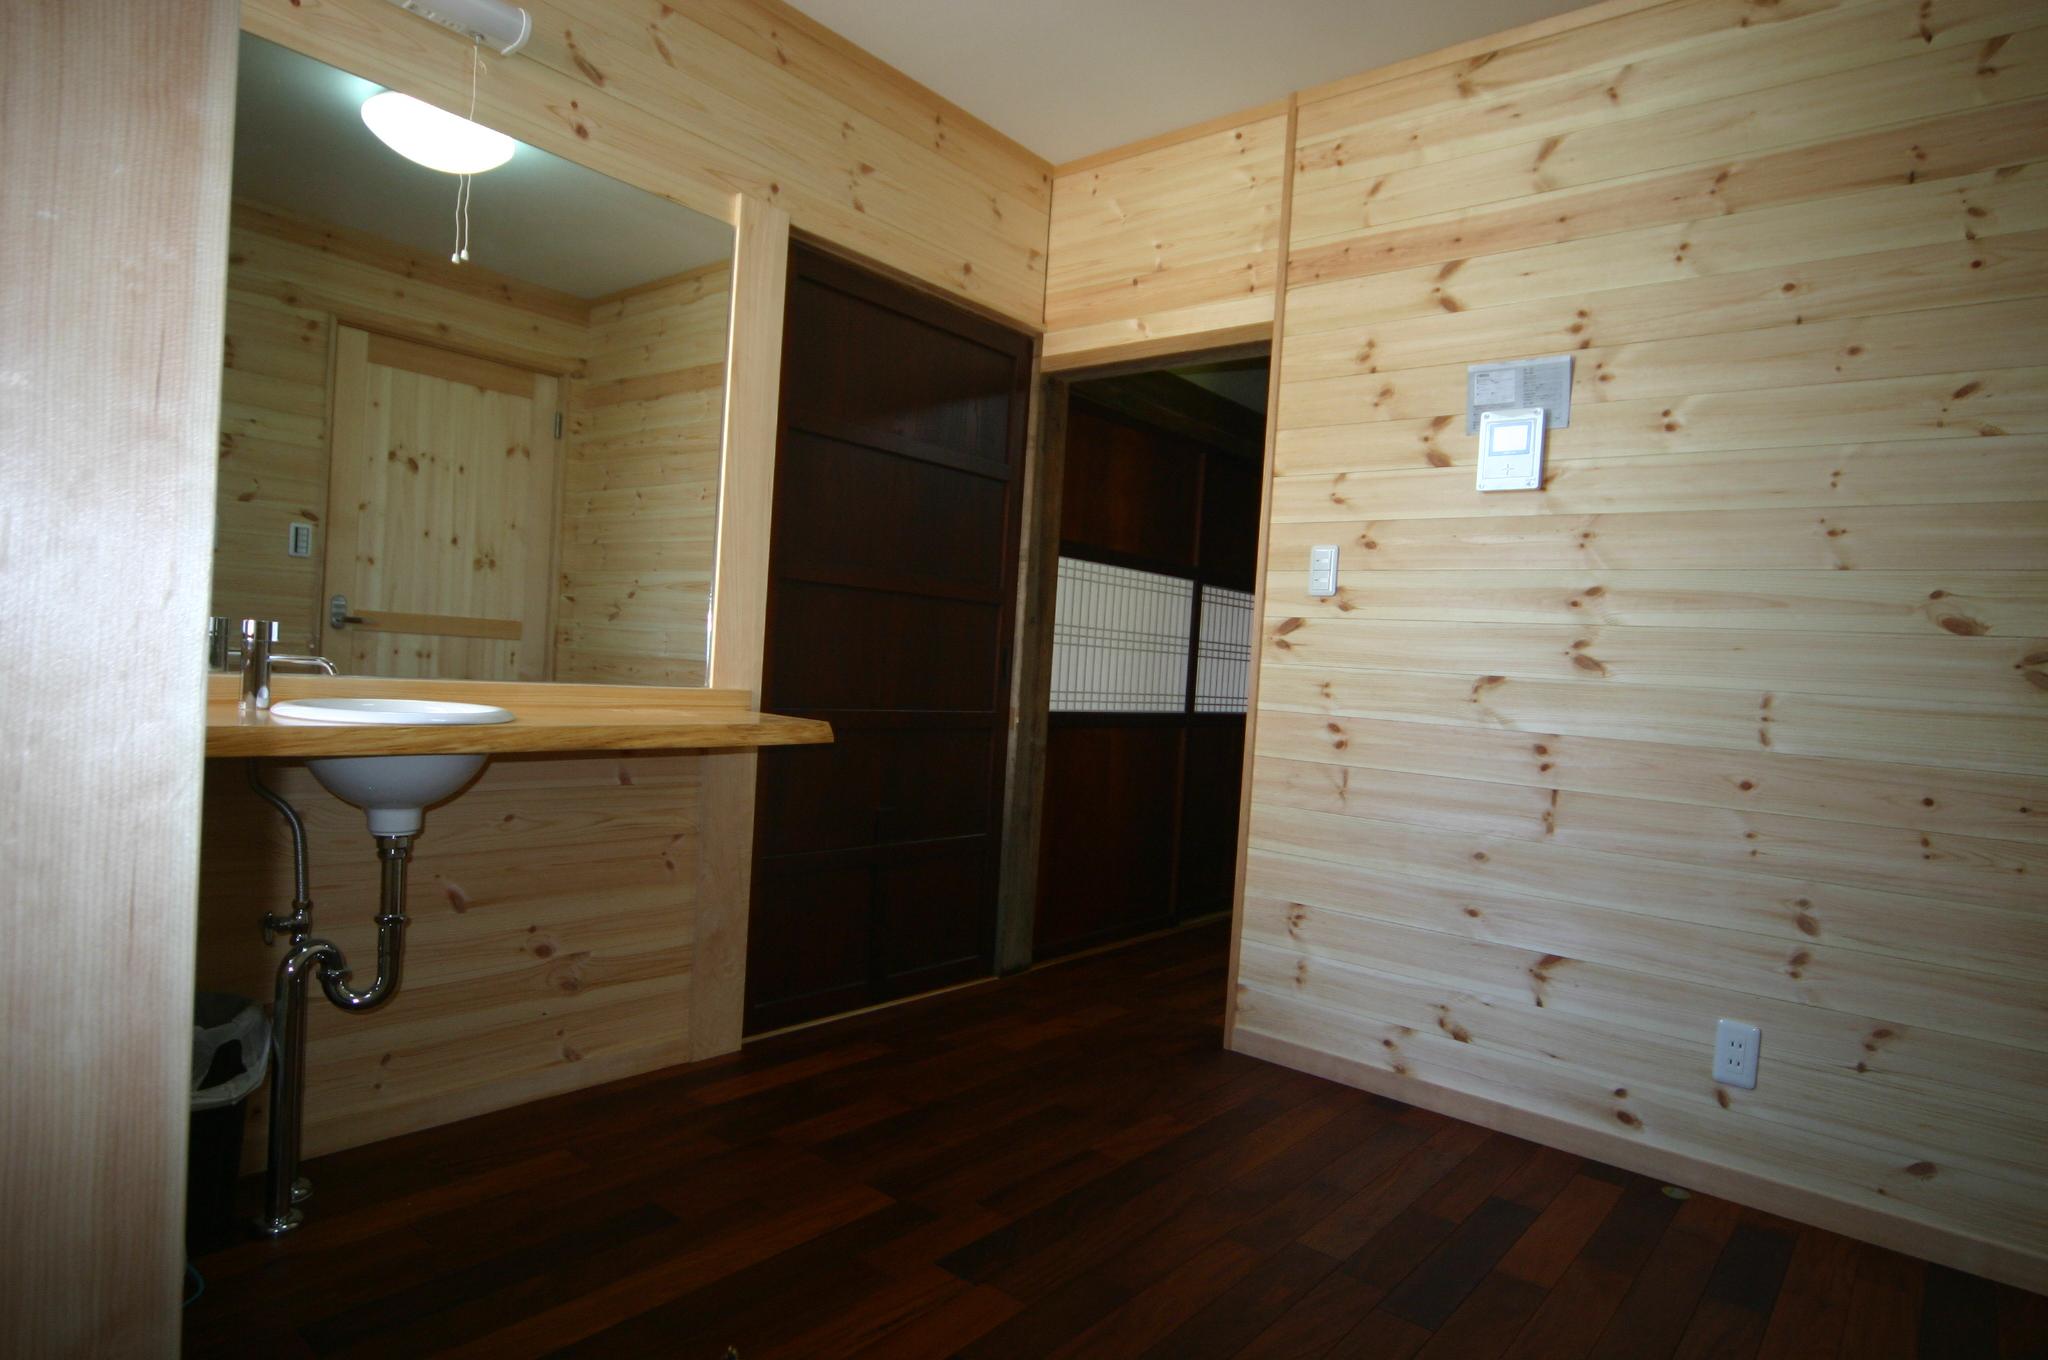 洗面室の建具は寸法加工をして古い建具を再利用